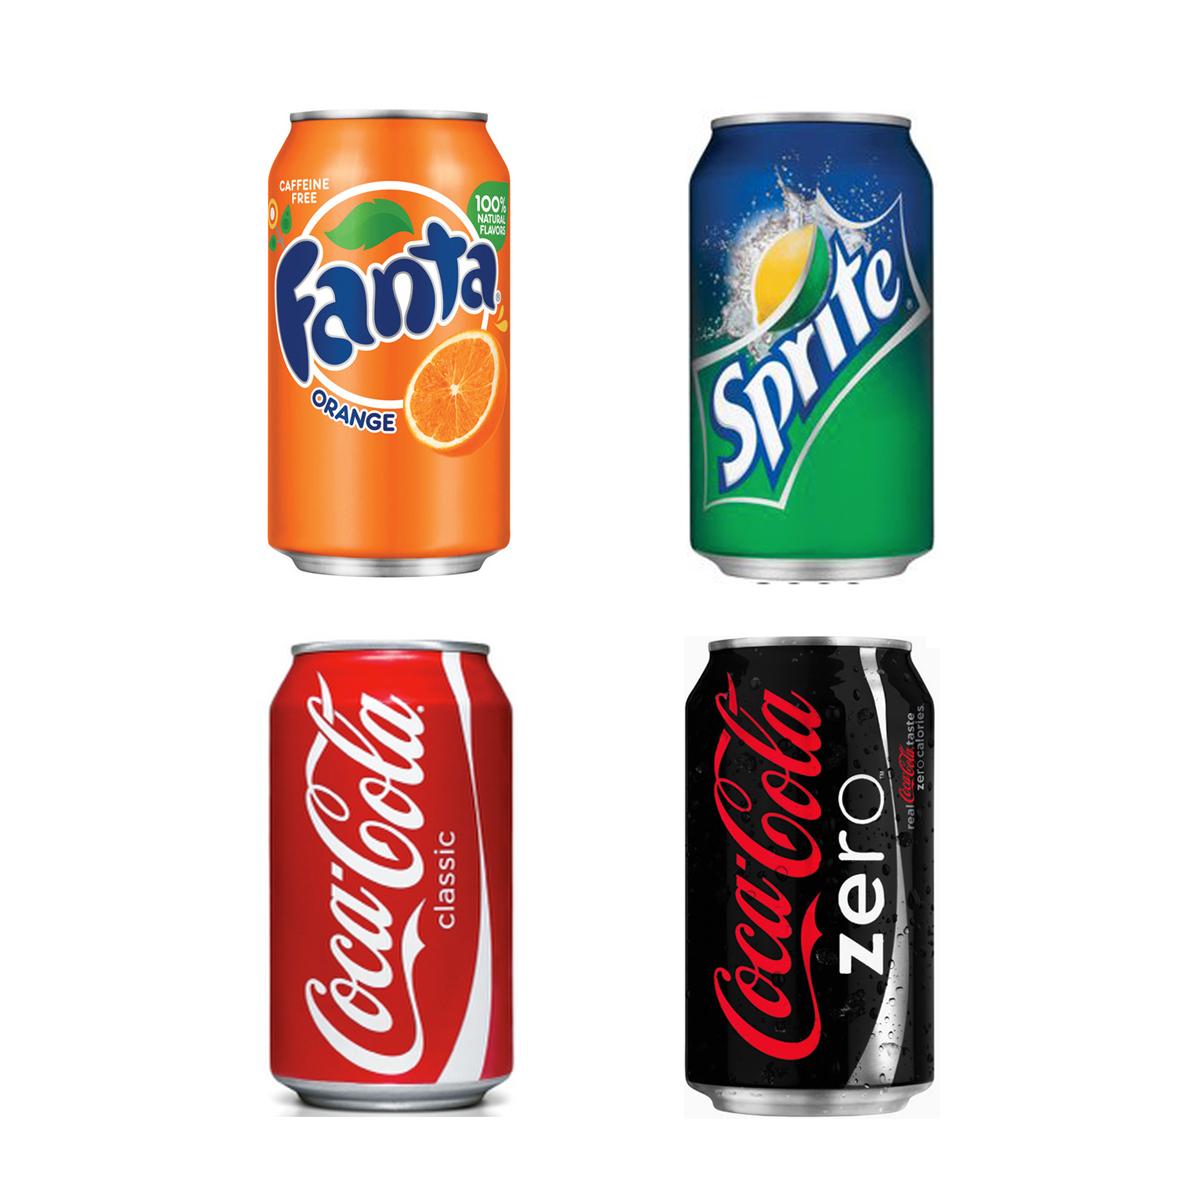 Sodac